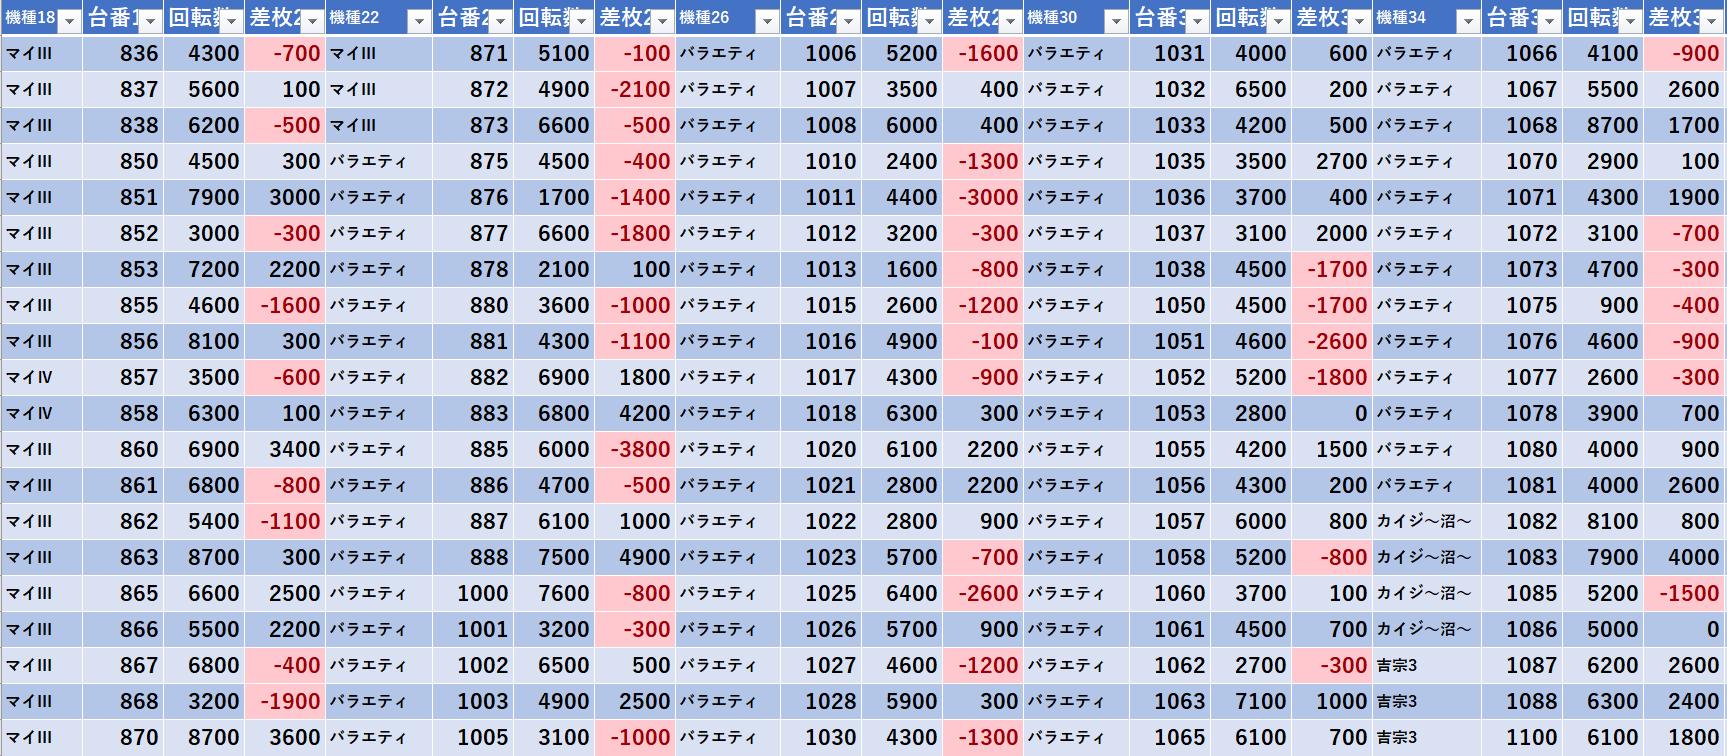 ジュラク 王子 データ 1/11(月) ジュラク王子店 出玉・差枚データ詳細